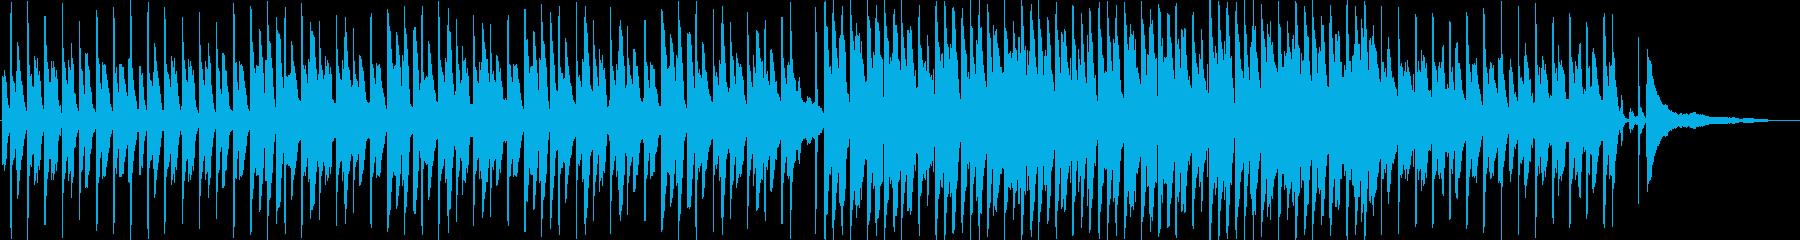 ハッピー&ポジティブで高揚感のあるBGMの再生済みの波形